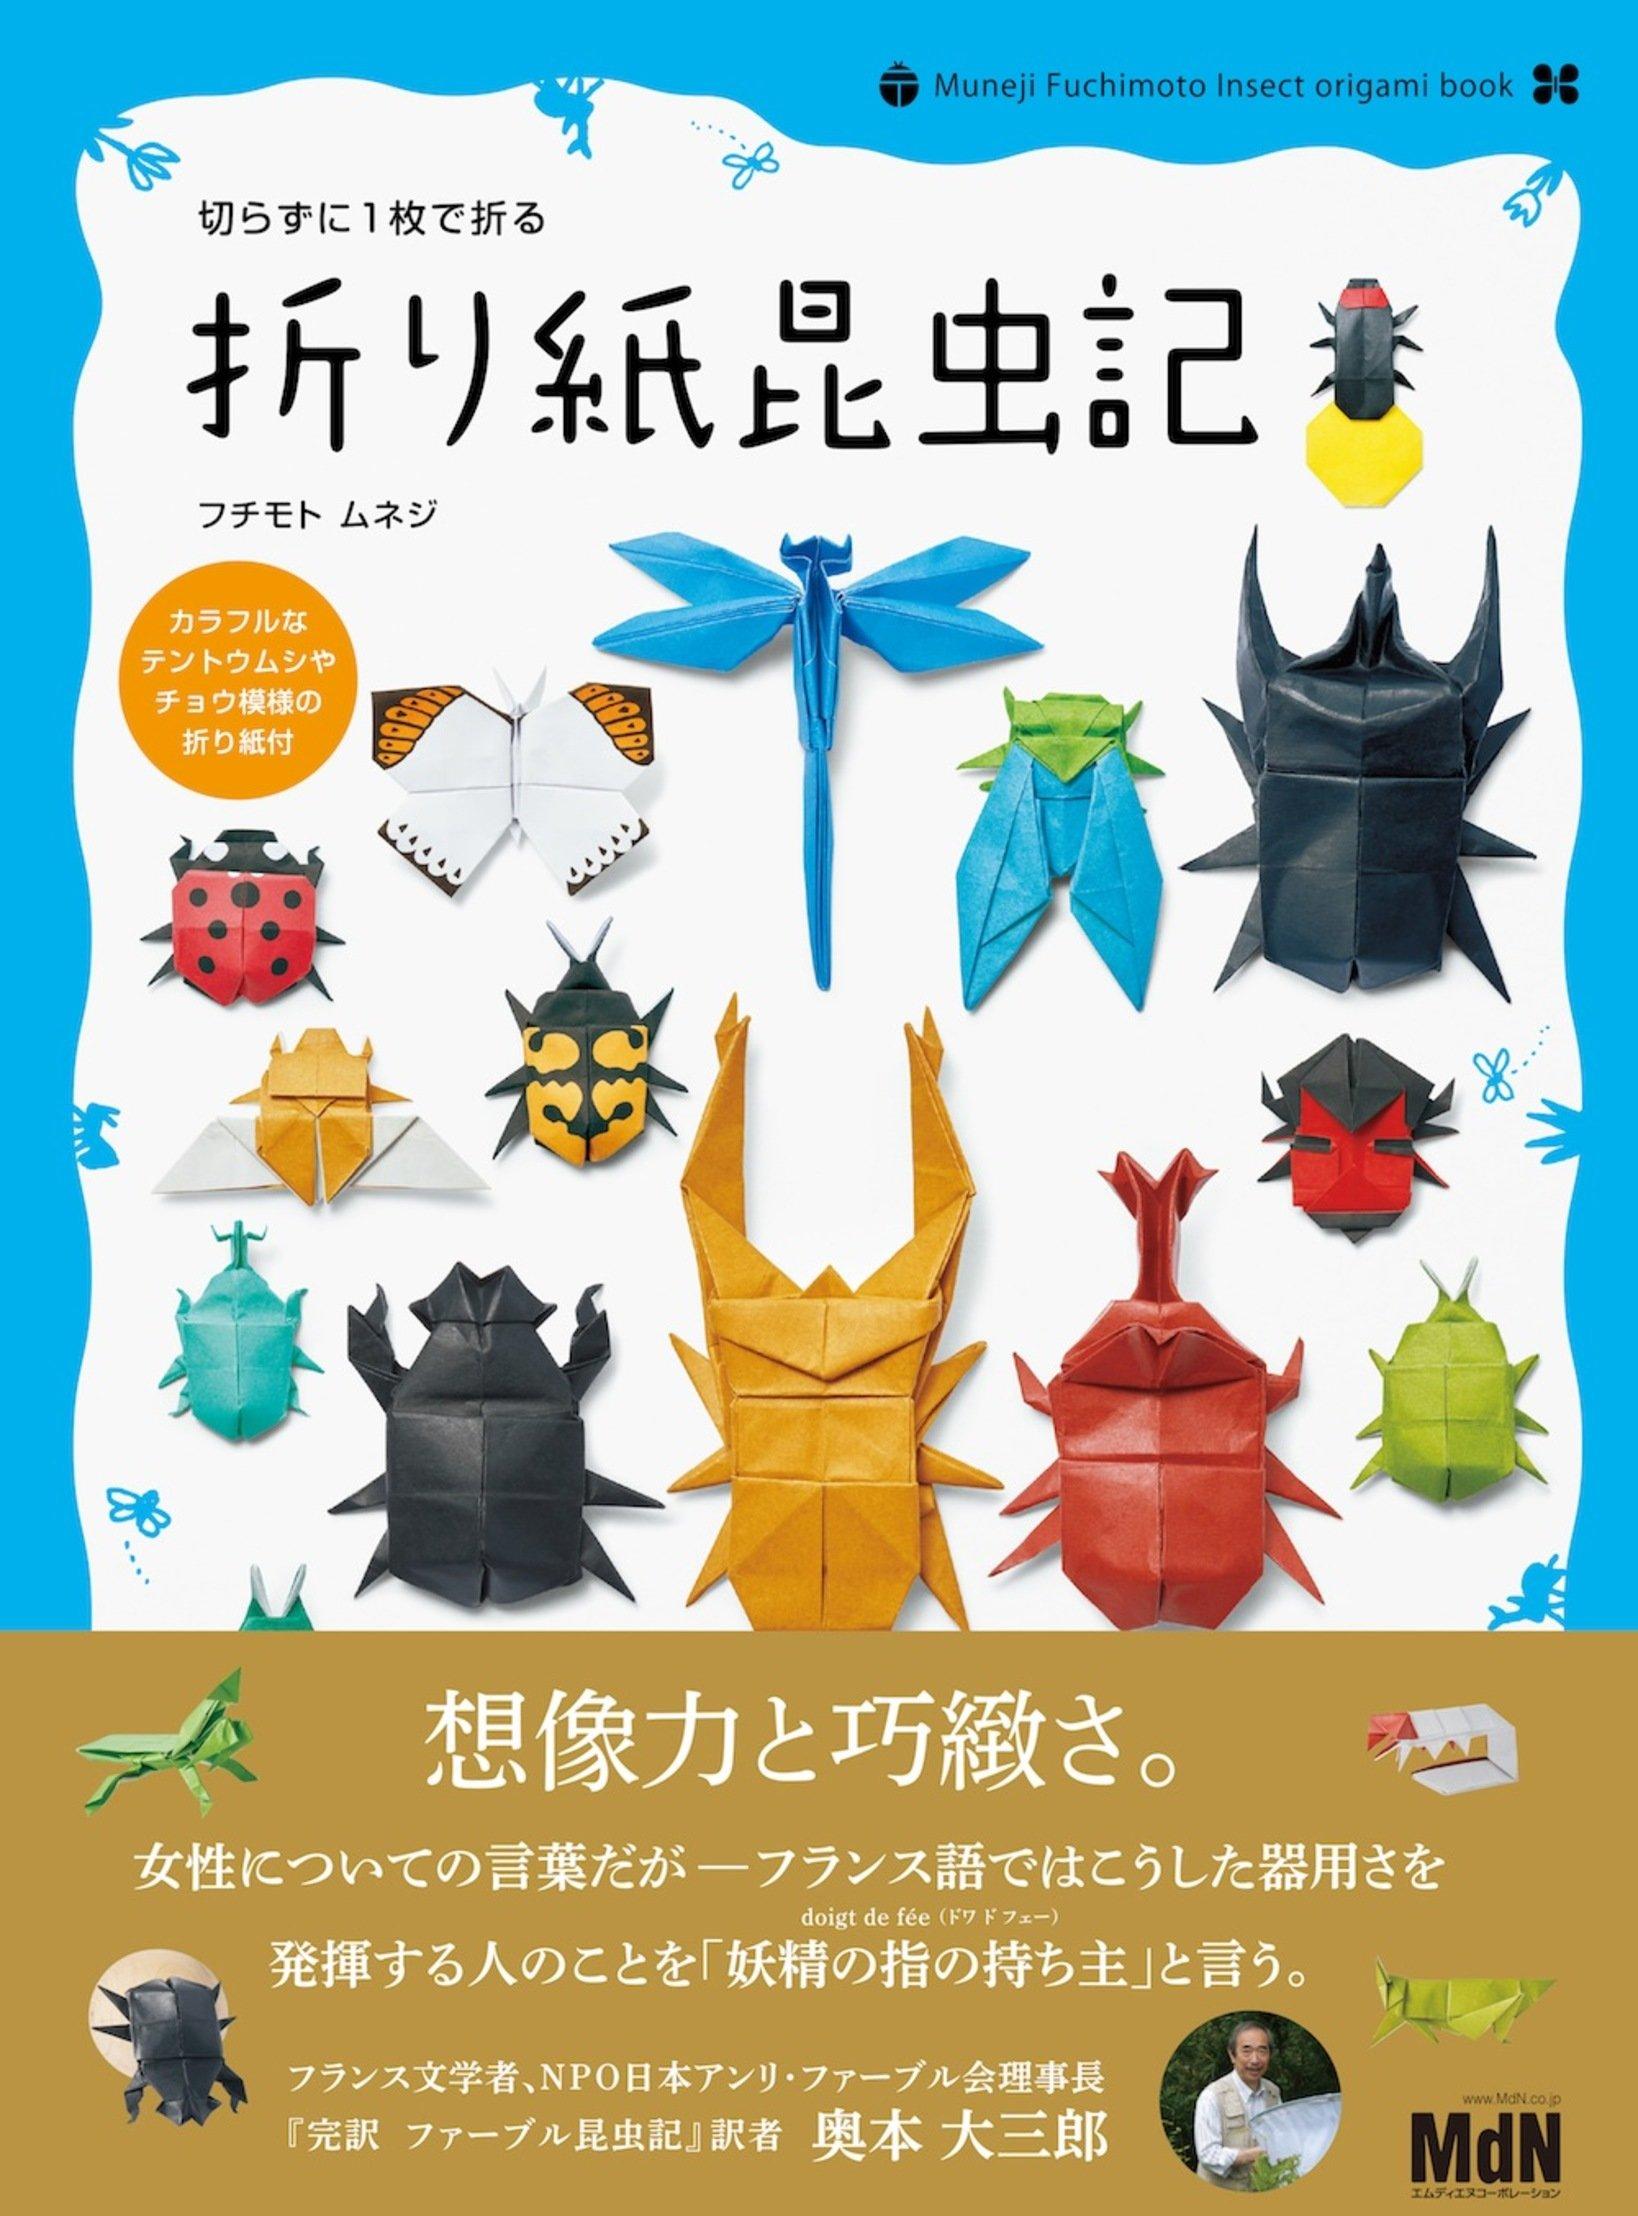 『切らずに1枚で折る 折り紙昆虫記』 http://www.mdn.co.jp/di/book/3217403003/